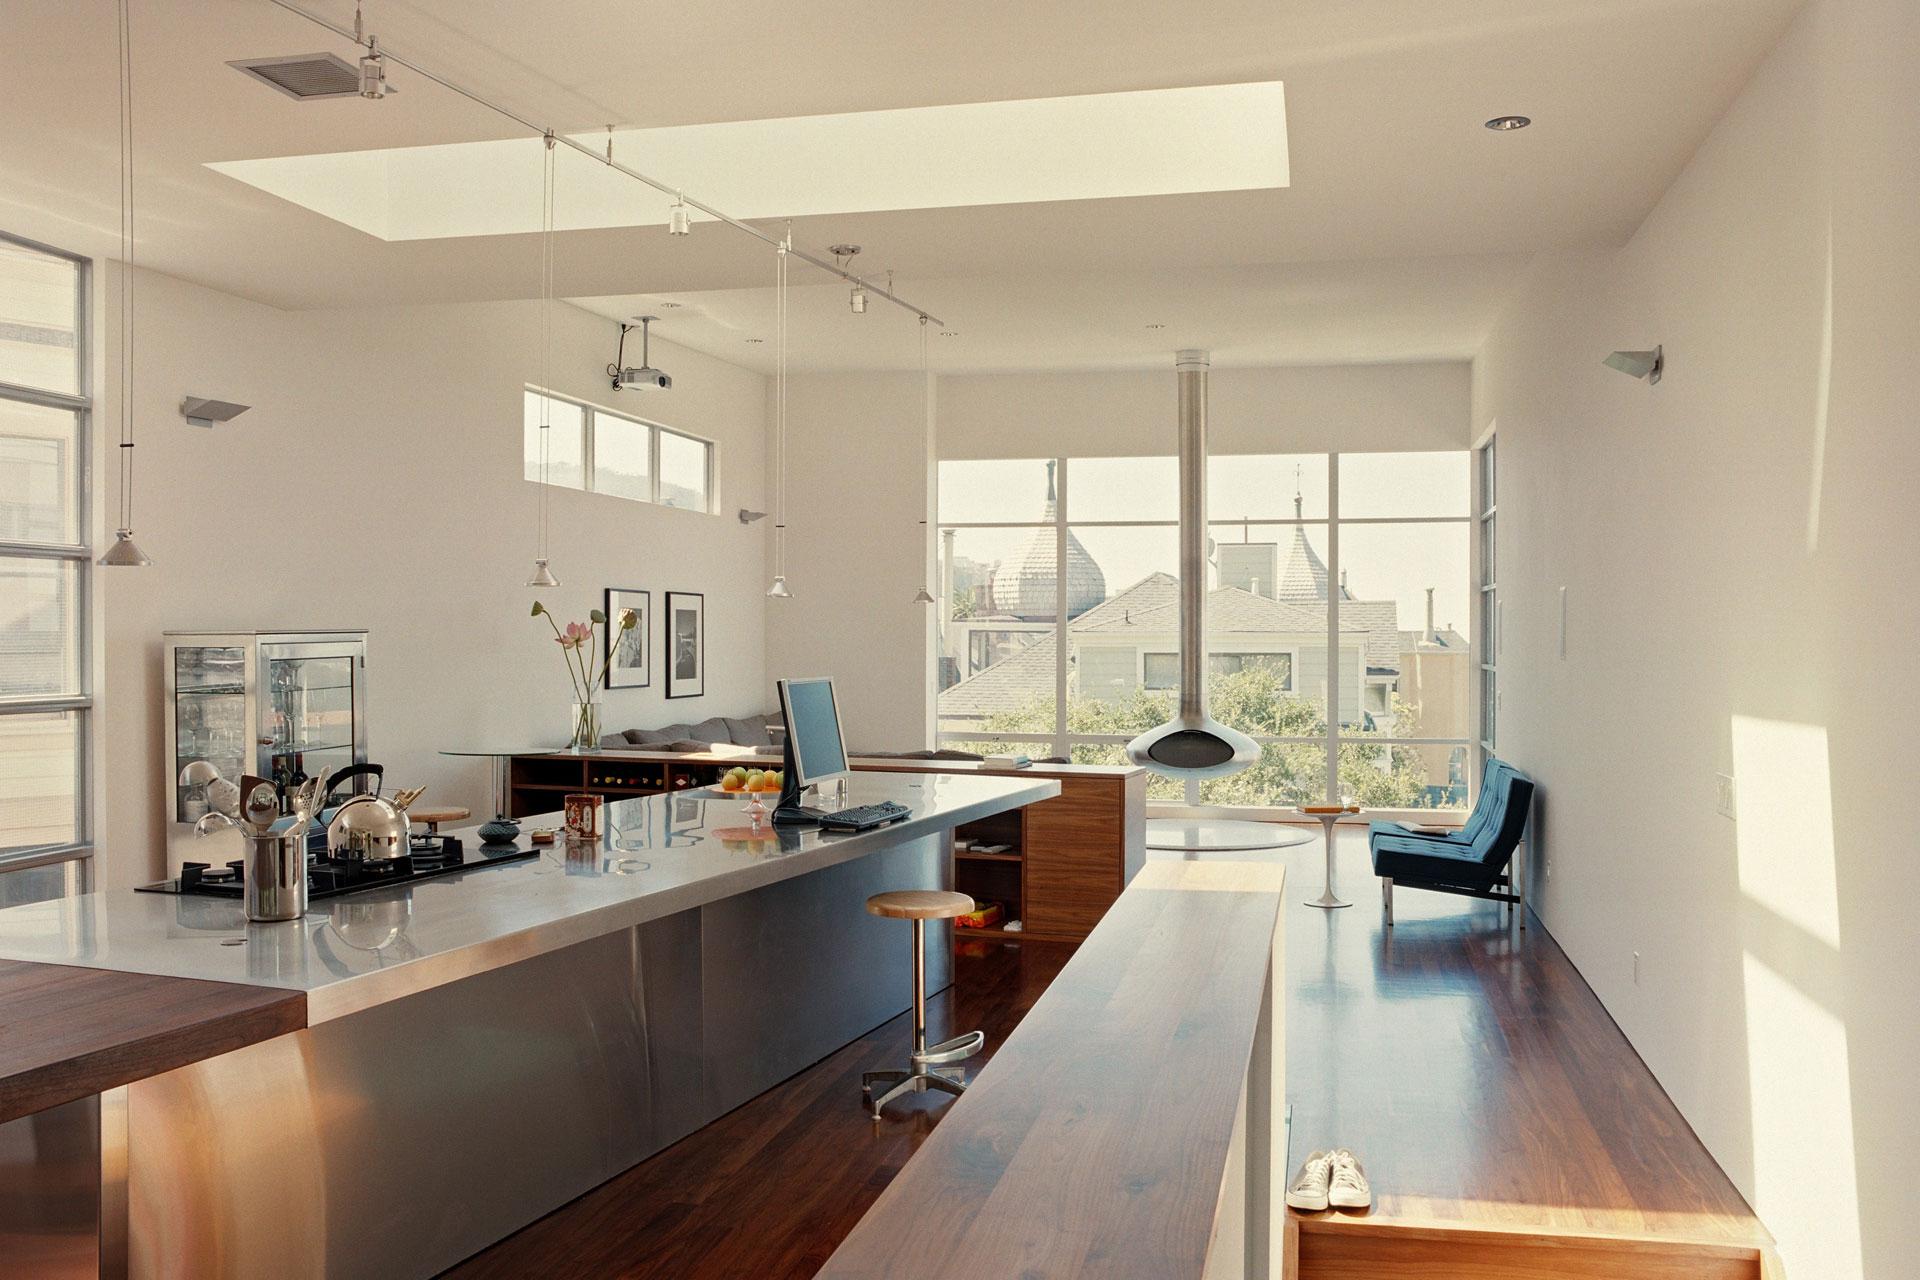 Haus Martin apartment